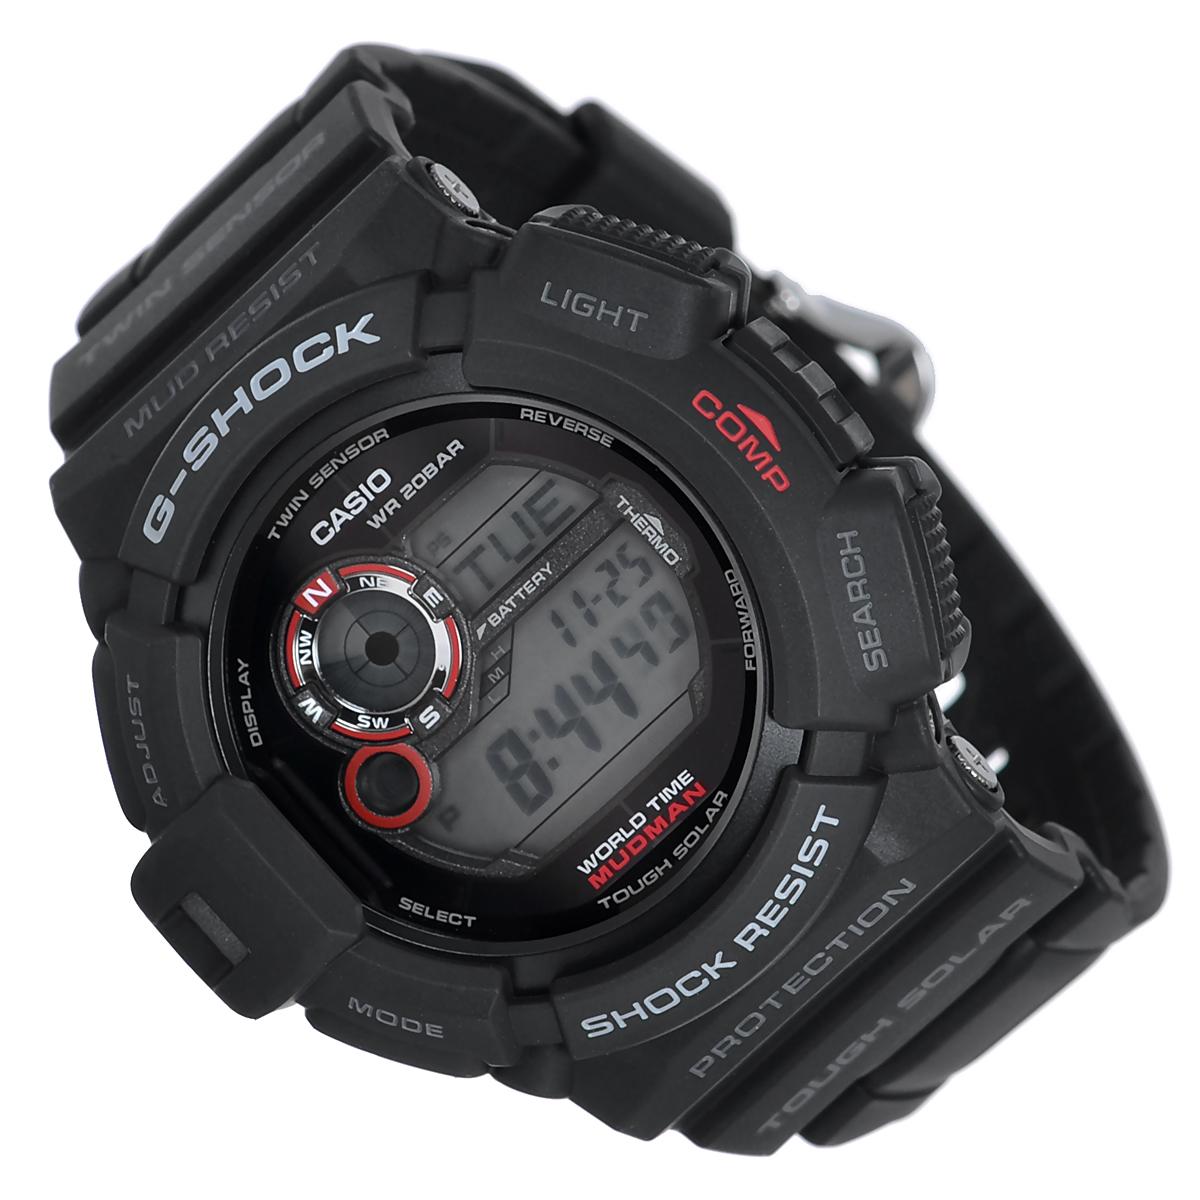 Часы мужские наручные Casio G-Shock, цвет: черный. G-9300-1EM0212 10Стильные кварцевые часы G-Shock от японского брэнда Casio - это яркий функциональный аксессуар для современных людей, которые стремятся выделиться из толпы и подчеркнуть свою индивидуальность. Часы выполнены в спортивном стиле. Корпус имеет ударопрочную конструкцию, защищающую механизм от ударов и вибрации. Циферблат подсвечивается электролюминесцентной подсветкой. Подсветка активируется при недостаточном свете и выключается, когда освещения достаточно. Ремешок из пластика имеет классическую застежку. Основные функции: -5 будильников, один с функцией Snooze, ежечасный сигнал; -автоматический календарь (число, месяц, день недели, год); -секундомер с точностью показаний 1/100 с и временем измерения 1000 ч; -мировое время; -таймер обратного отсчета от 1 мин до 24 ч с автоповтором; -12-ти и 24-х часовой формат времени;-защита от попадания внутрь пыли и грязи; -функция автоматического сохранения энергии (отключает LCD дисплей); -встроенный цифровой компас;-отображение возраста и фазы луны; -встроенный датчик температуры от -10° до +60°С с точностью 0,1°C;-функция включения/отключения звука. Питание от солнечной энергии. Время работы аккумулятора без подзарядки - 8 месяцев, при включенной функции сохранения энергии - 23 месяцев. Часы упакованы в фирменную коробку с логотипом Casio. Такой аксессуар добавит вашему образу стиля и подчеркнет безупречный вкус своего владельца.Характеристики: Диаметр циферблата: 3 см.Размер корпуса: 5,3 см х 5,1 см х 1,8 см.Длина ремешка (с корпусом): 25,5 см.Ширина ремешка: 2 см. STAINLESS STELL BACK MADE IN THAILAND Y.